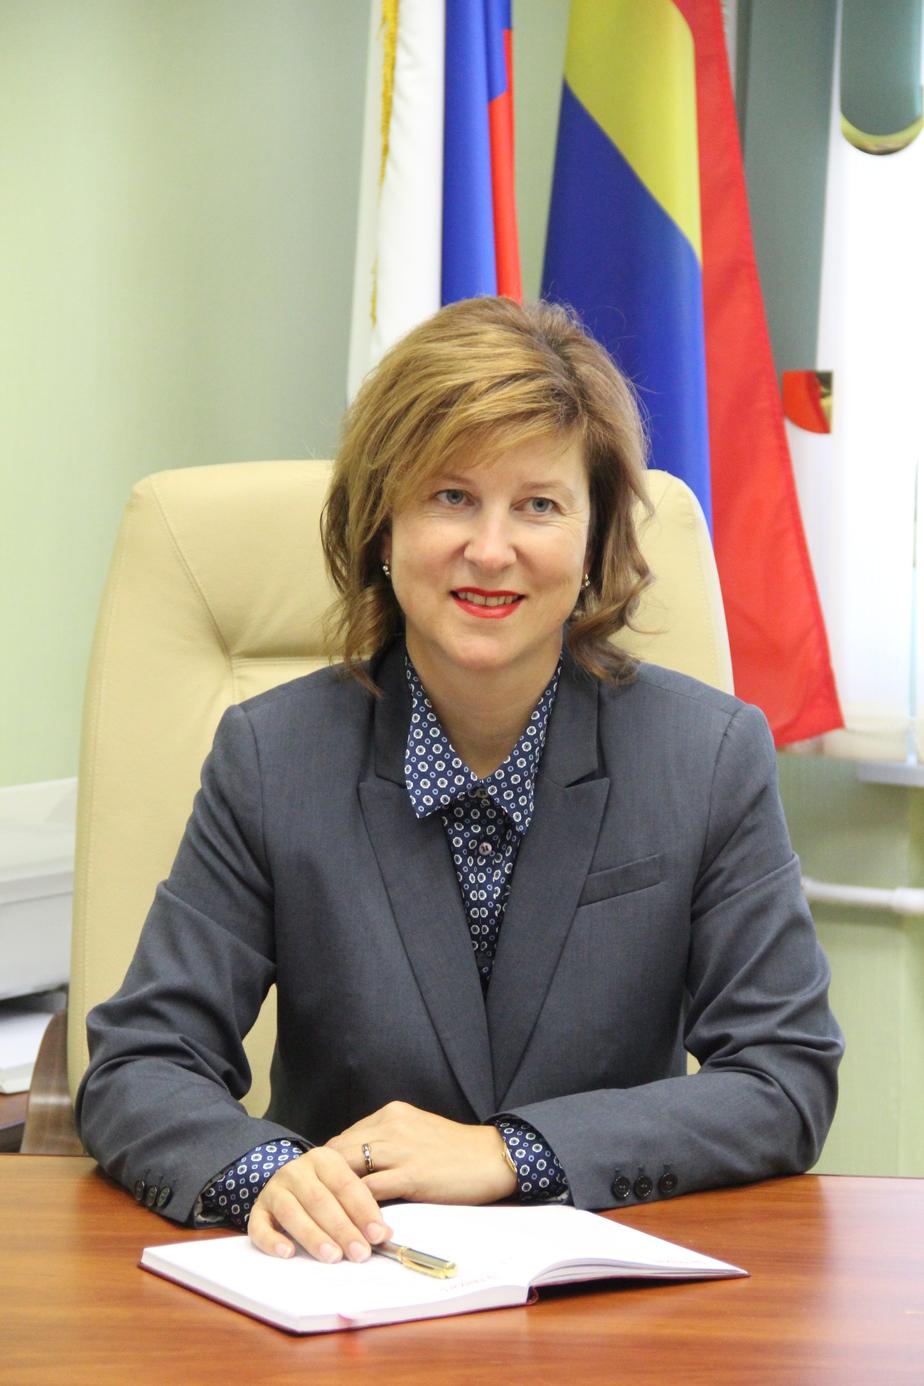 Светлана Трусенёва: В этом году был конкурс в обычные школы, где смогли чем-то заинтересовать родителей и детей  - Новости Калининграда